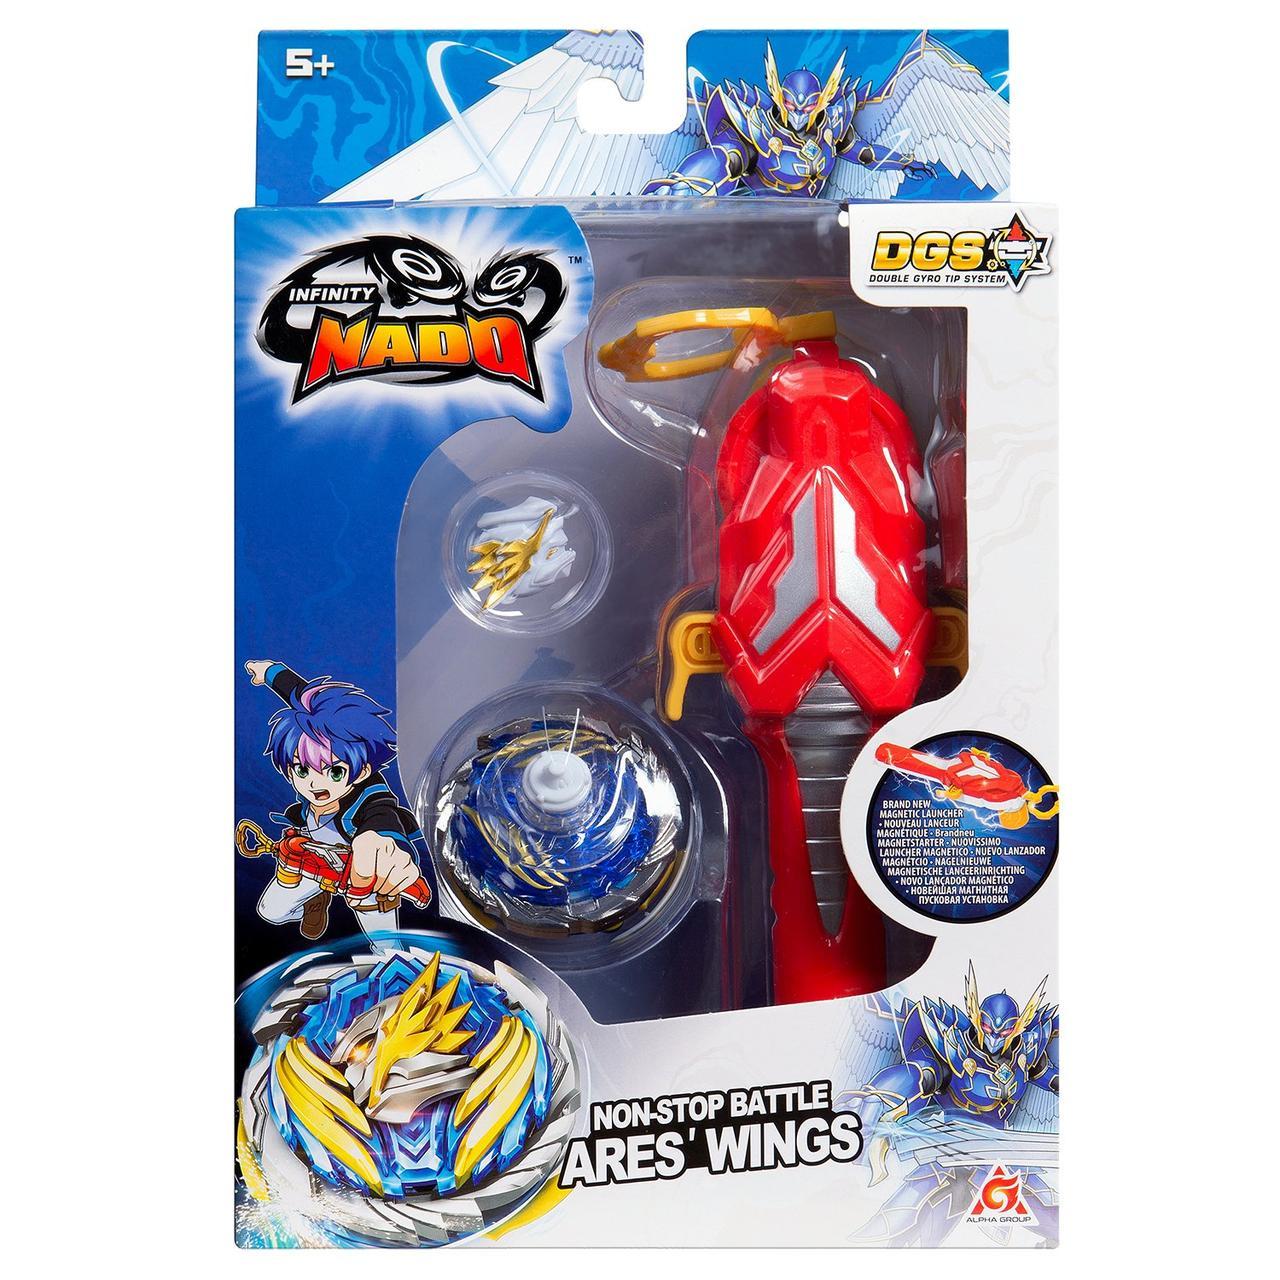 Инфинити Надо Волчок «Ориджинал» Ares Wings, Крылья Ареса, баланс